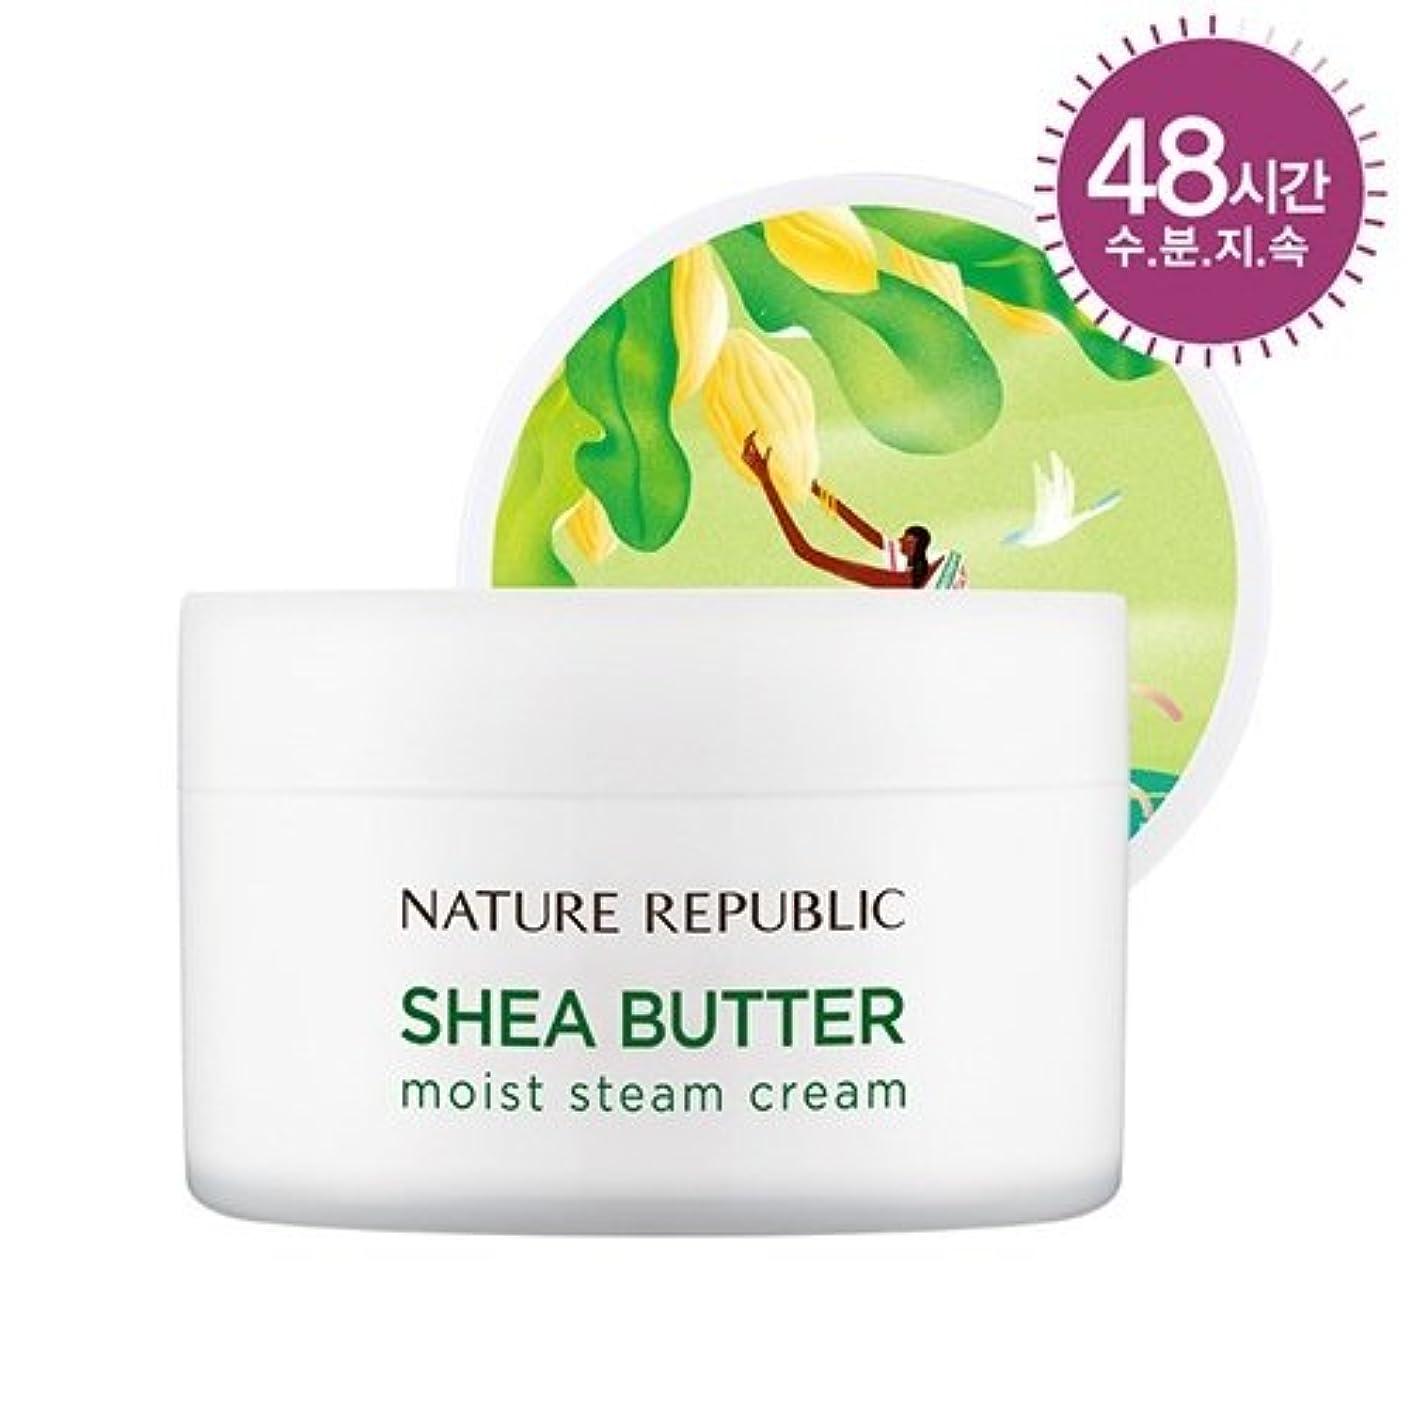 潜む可動式罹患率NATURE REPUBLIC(ネイチャーリパブリック) SHEA BUTTER STEAM CREAM シアバター スチーム クリーム #モイスト乾燥肌